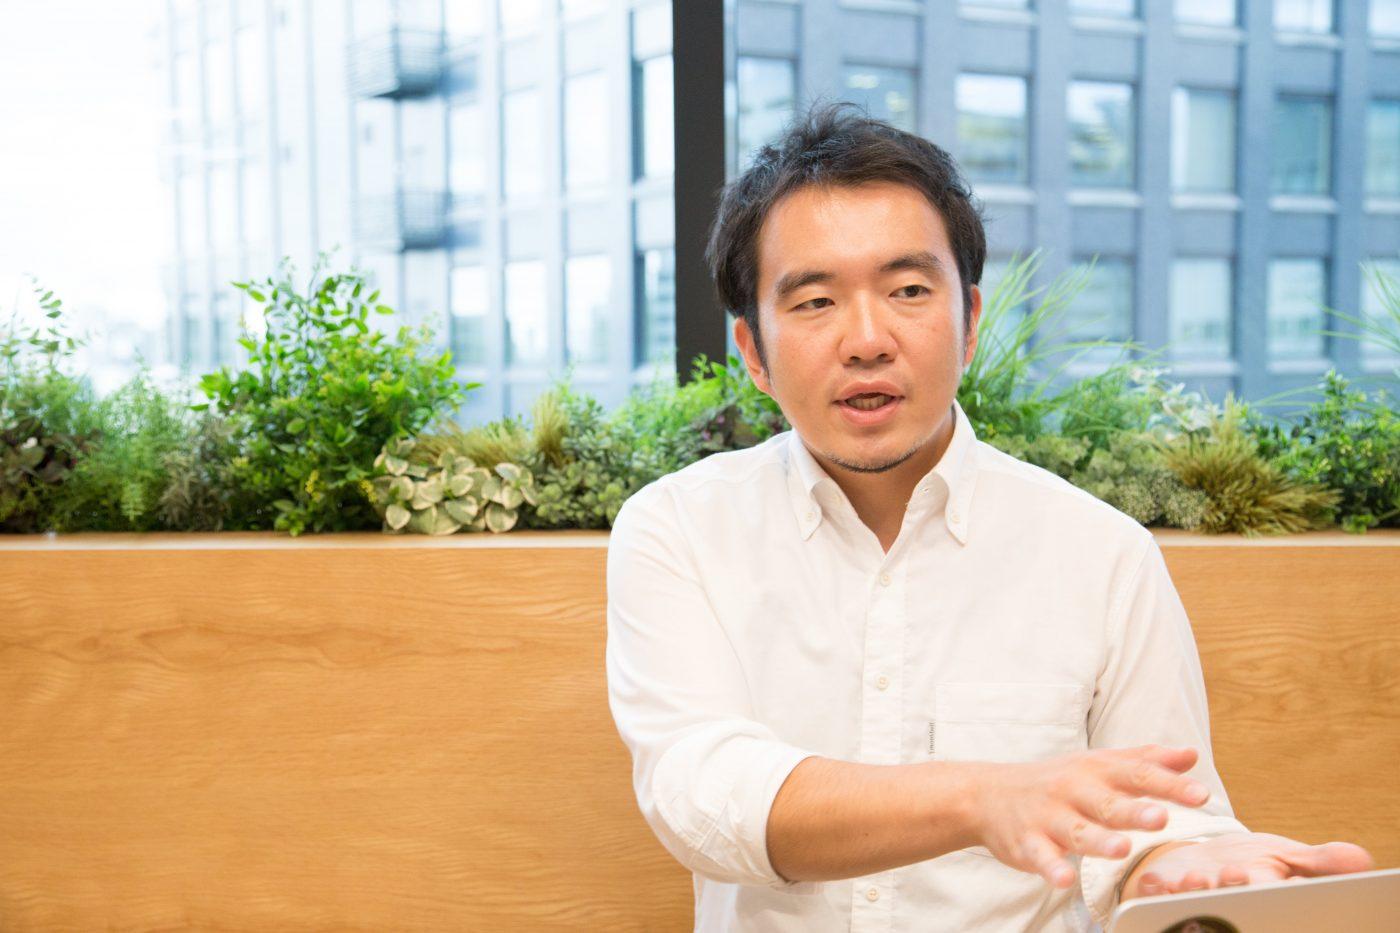 SmartHRのビジネスをはじめてから順調に業績を伸ばしてきた宮田氏。ビジネスを伸ばすときには特に悩みはなかったというが、その理由についてこう語る。